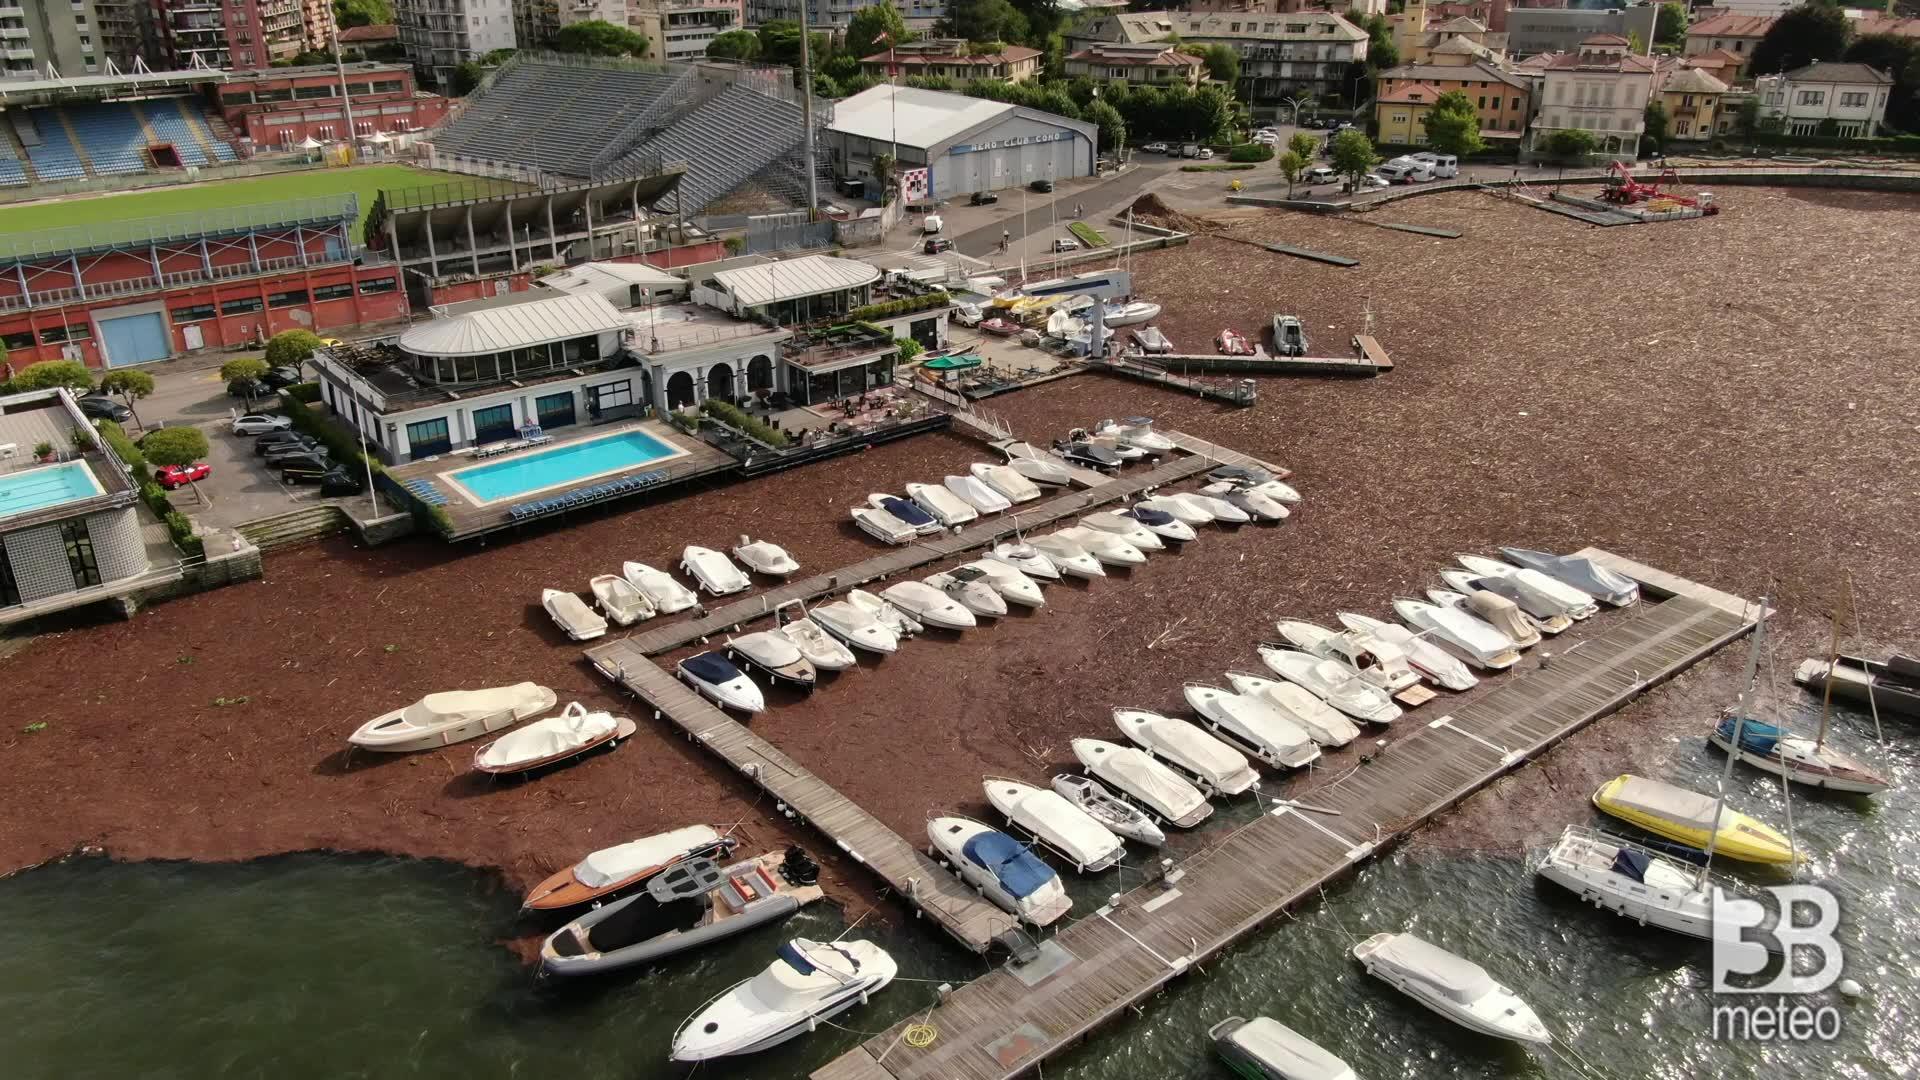 Detriti allo yacht club di Como : Le immagini dal drone